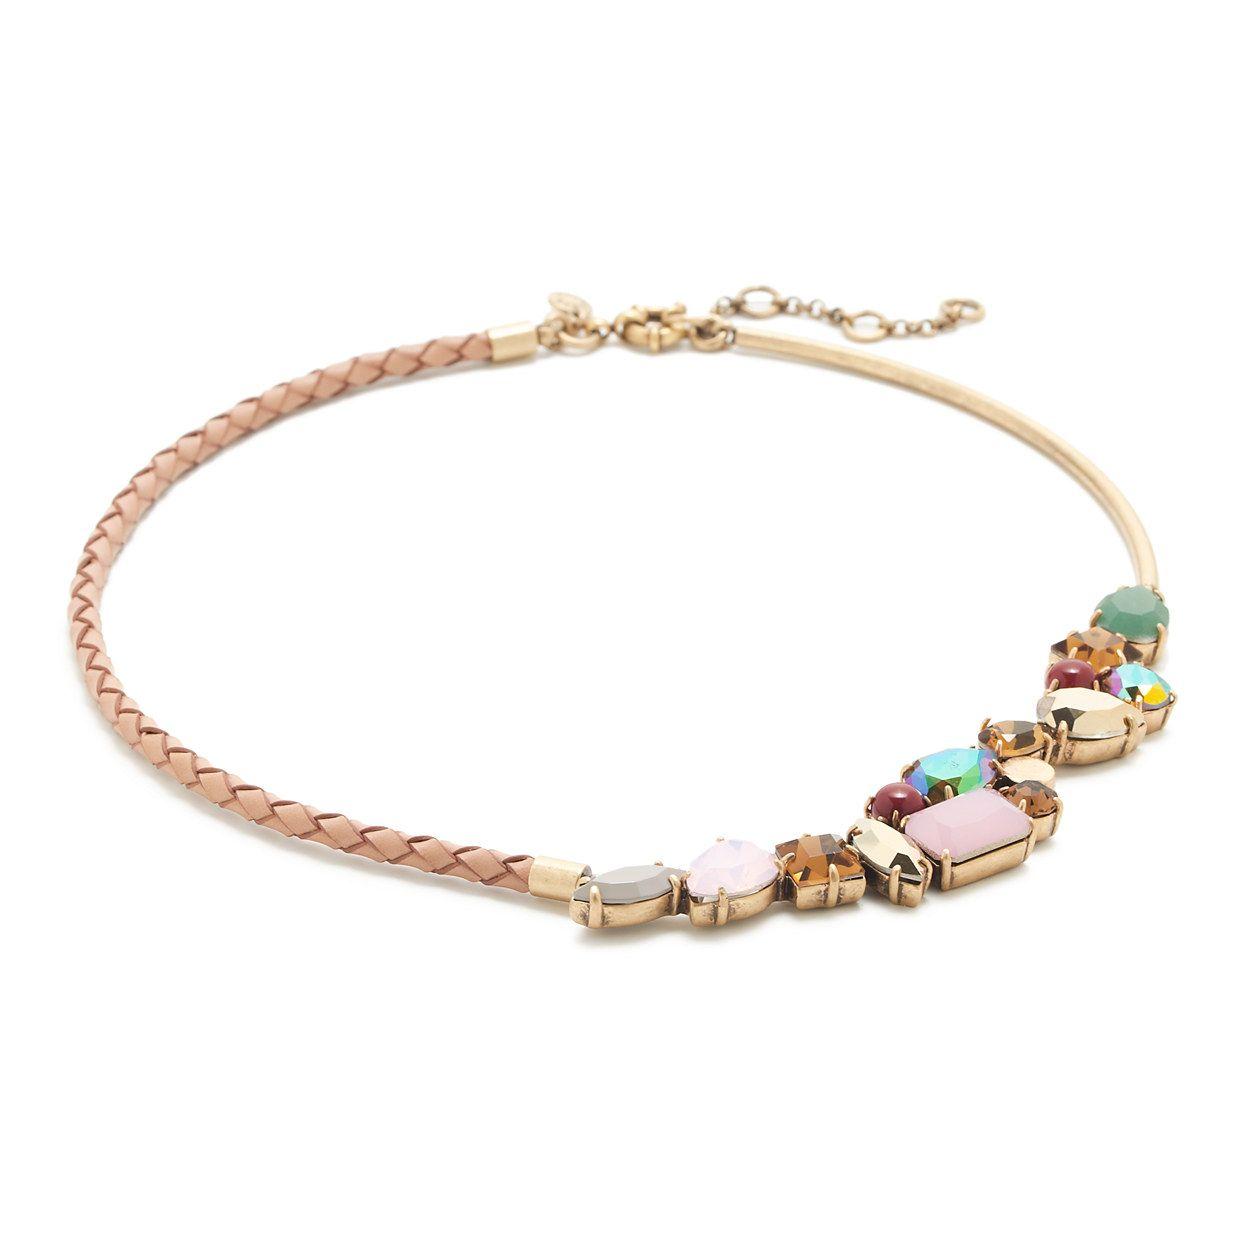 #bijoux2016, #bijouxtendance2016, #bijoux, #bijouxcreateur, #collier, #bracelet, #bijouxfantaisies